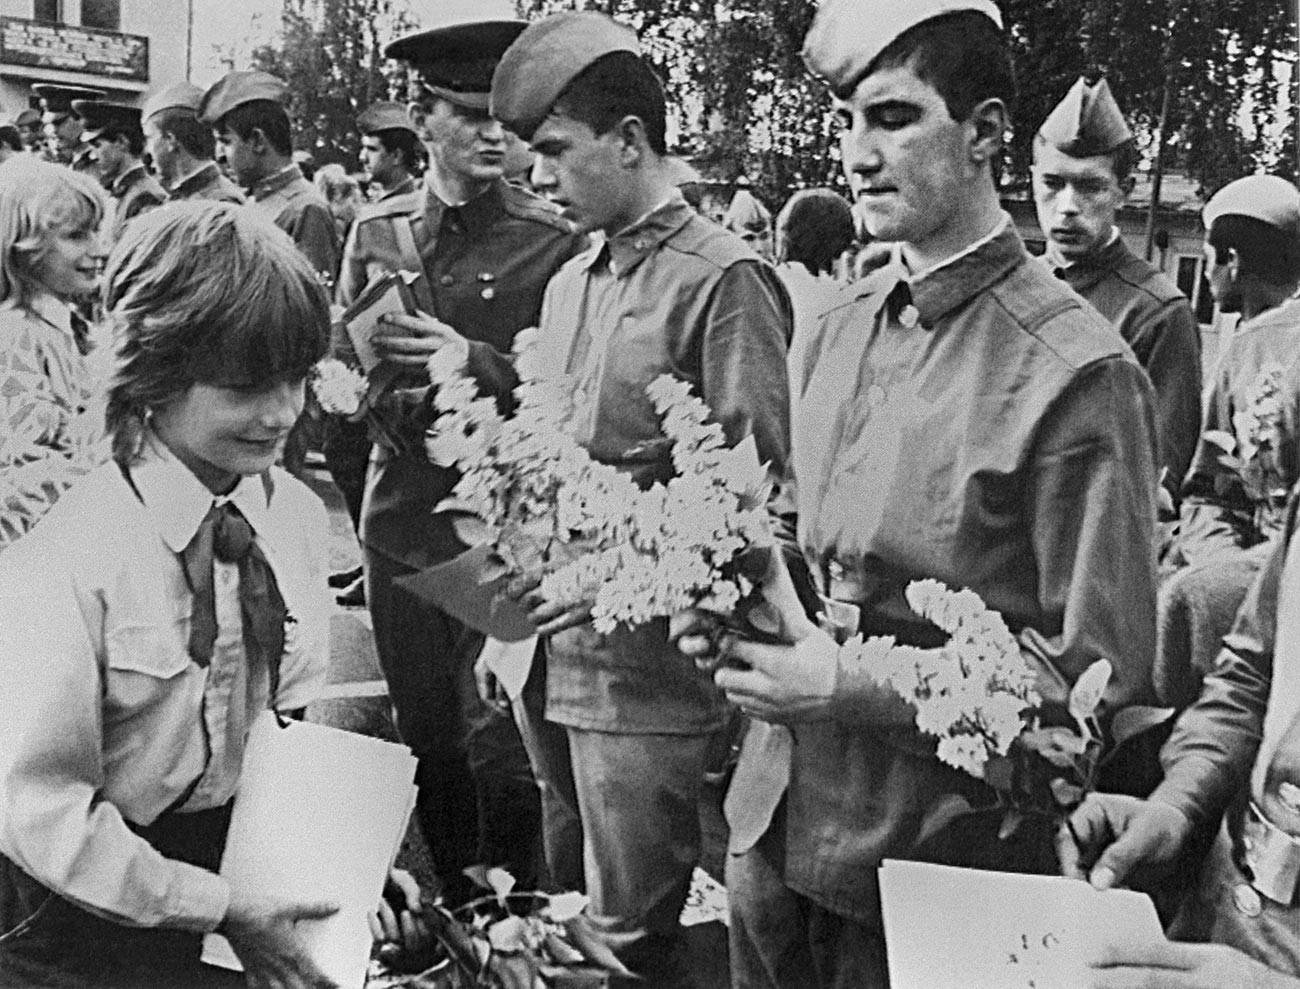 チェコスロバキアからの撤退、1989年